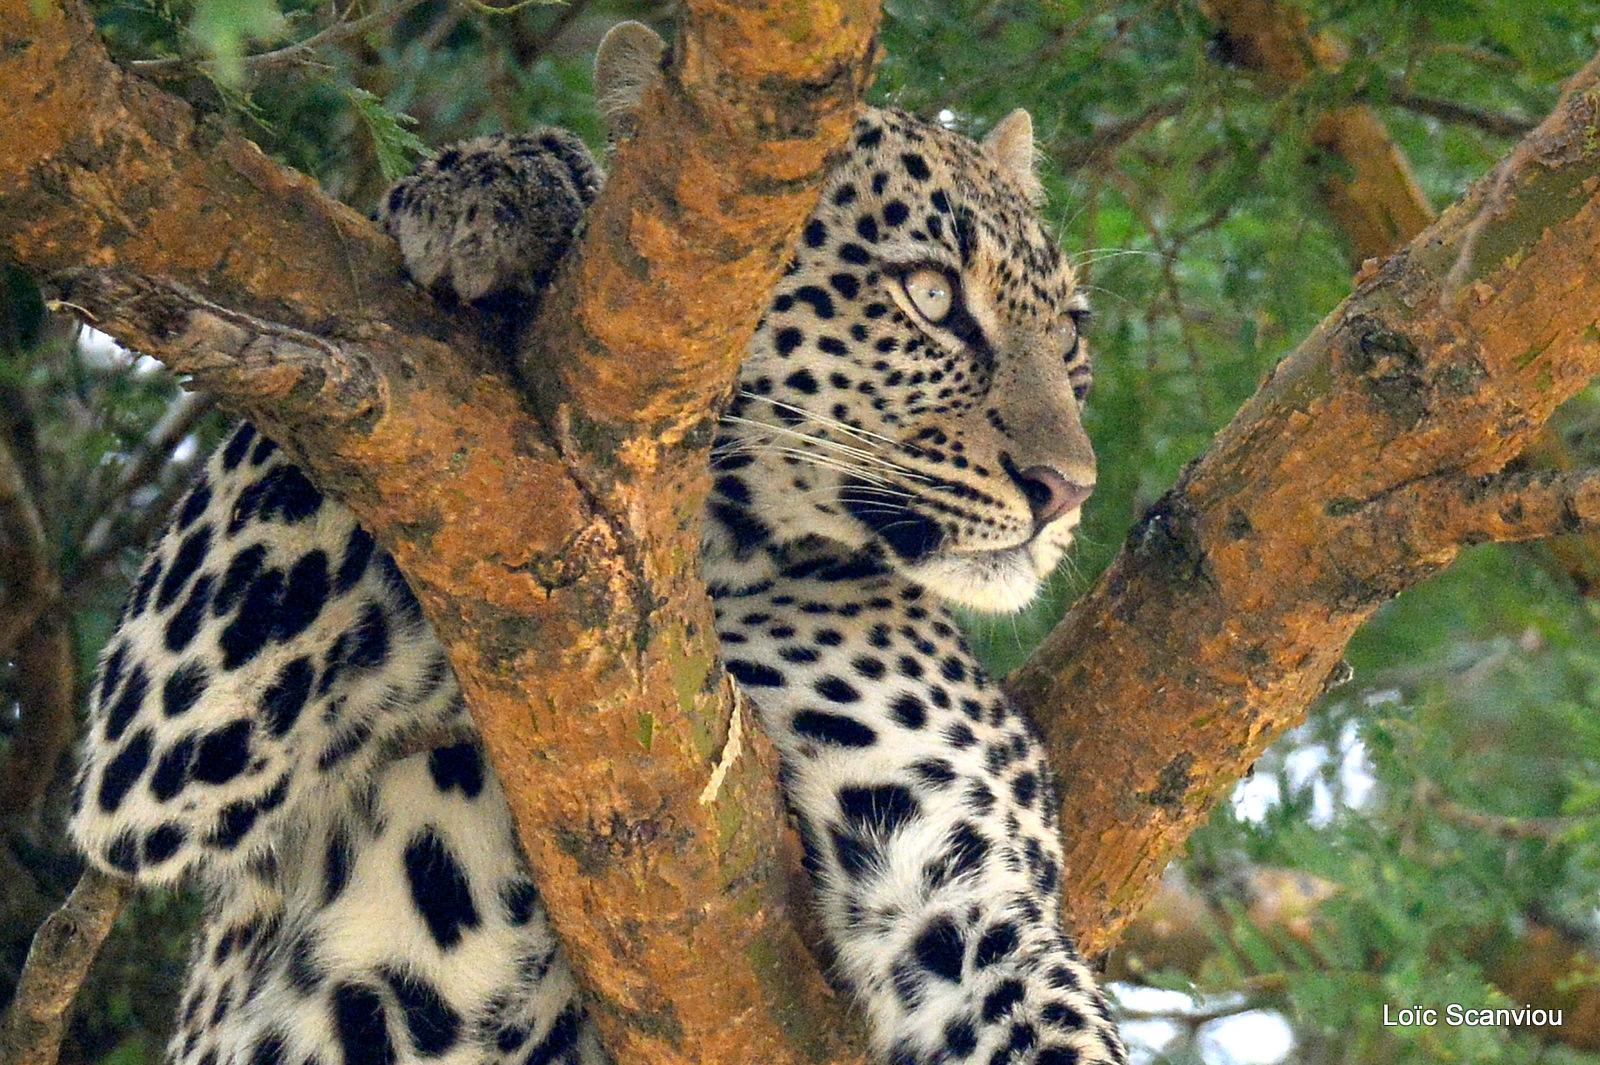 Léopard dans un arbre/Leopard on a tree (11)